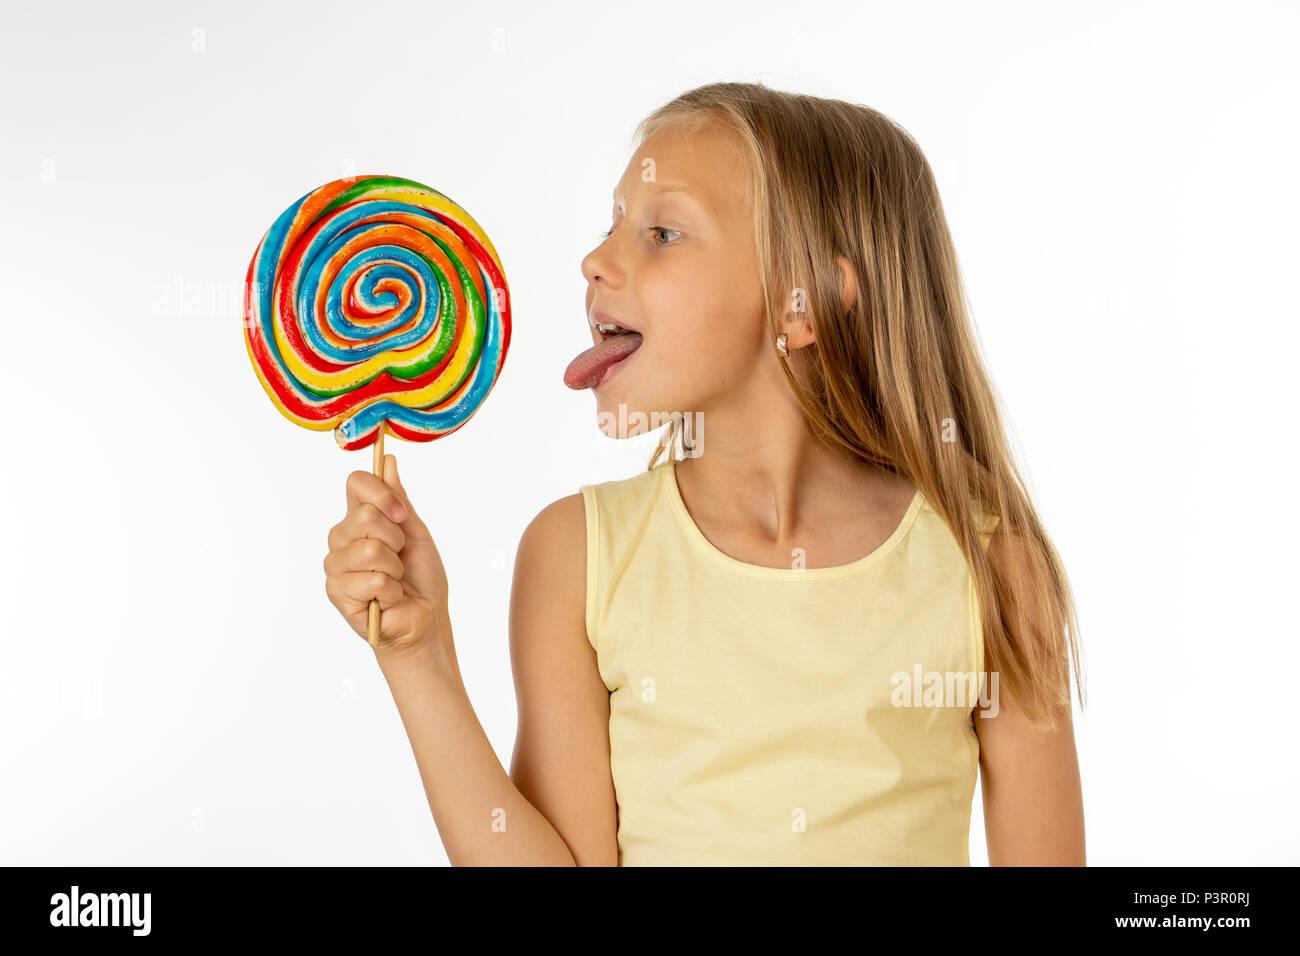 Nettes glückliches Kind mit Süßigkeiten Lutscher, glückliches Mädchen mit grossen Zucker Lutscher, Kid essen Süßigkeiten. Überrascht Kind mit Süßigkeiten. auf weißem Hintergrund, Stockfoto